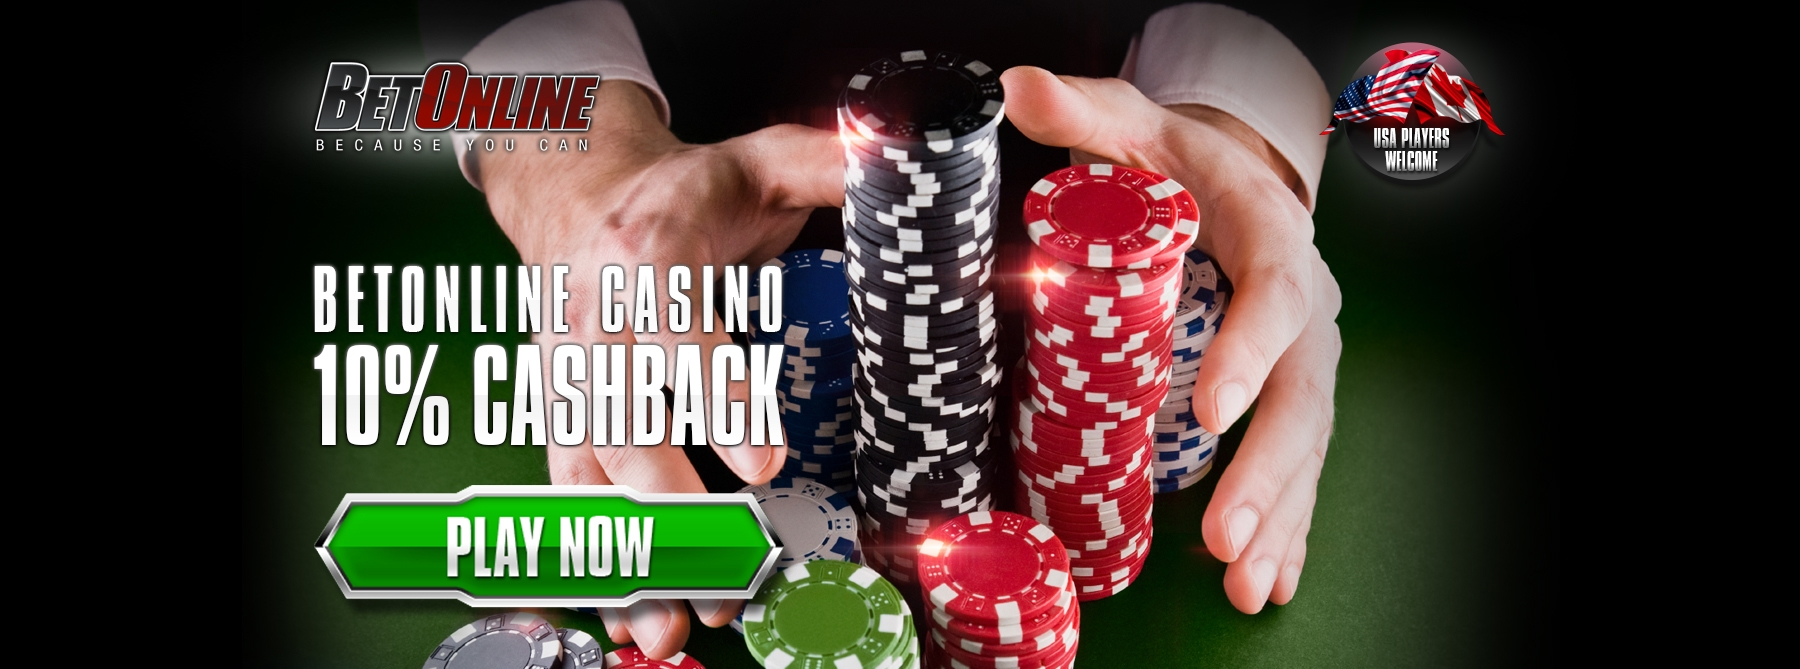 Online Casino Deutschland Bonus Code Kann Man Fur Bessere Angebote Nutzen